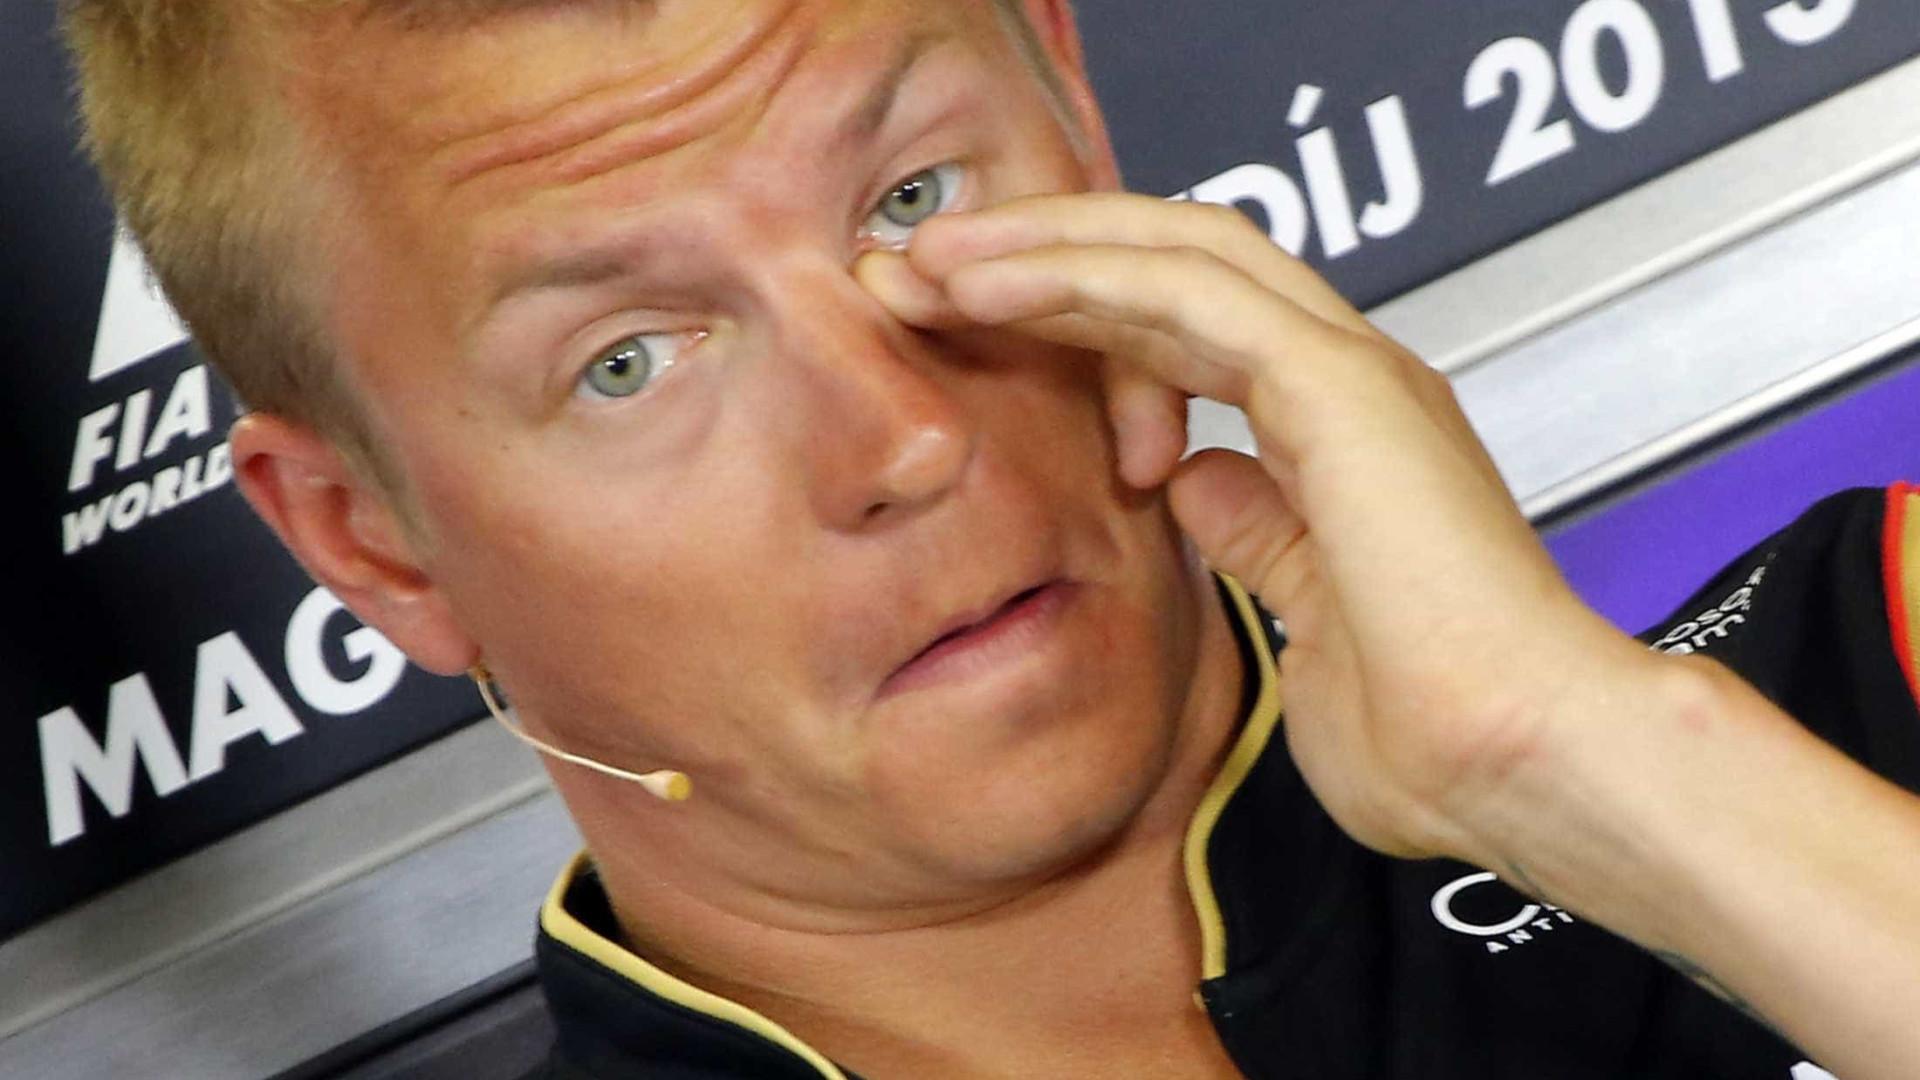 Alfa Romeo confirma Raikkonen fora do GP da Itália por covid-19; Kubica substitui